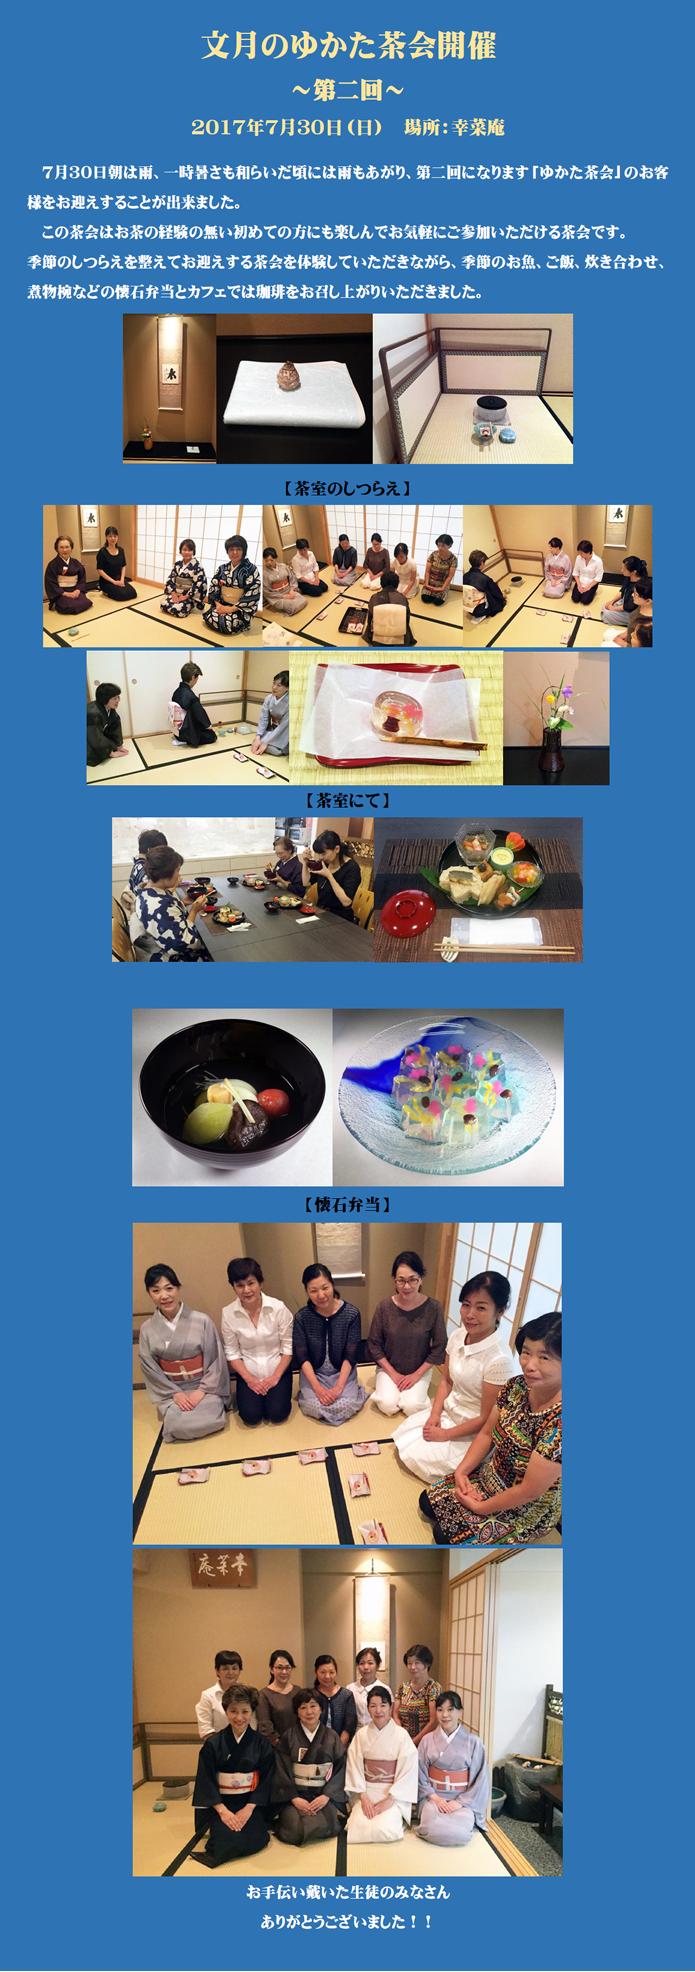 文月のゆかた茶会開催(2017年7月30日)幸菜庵にて